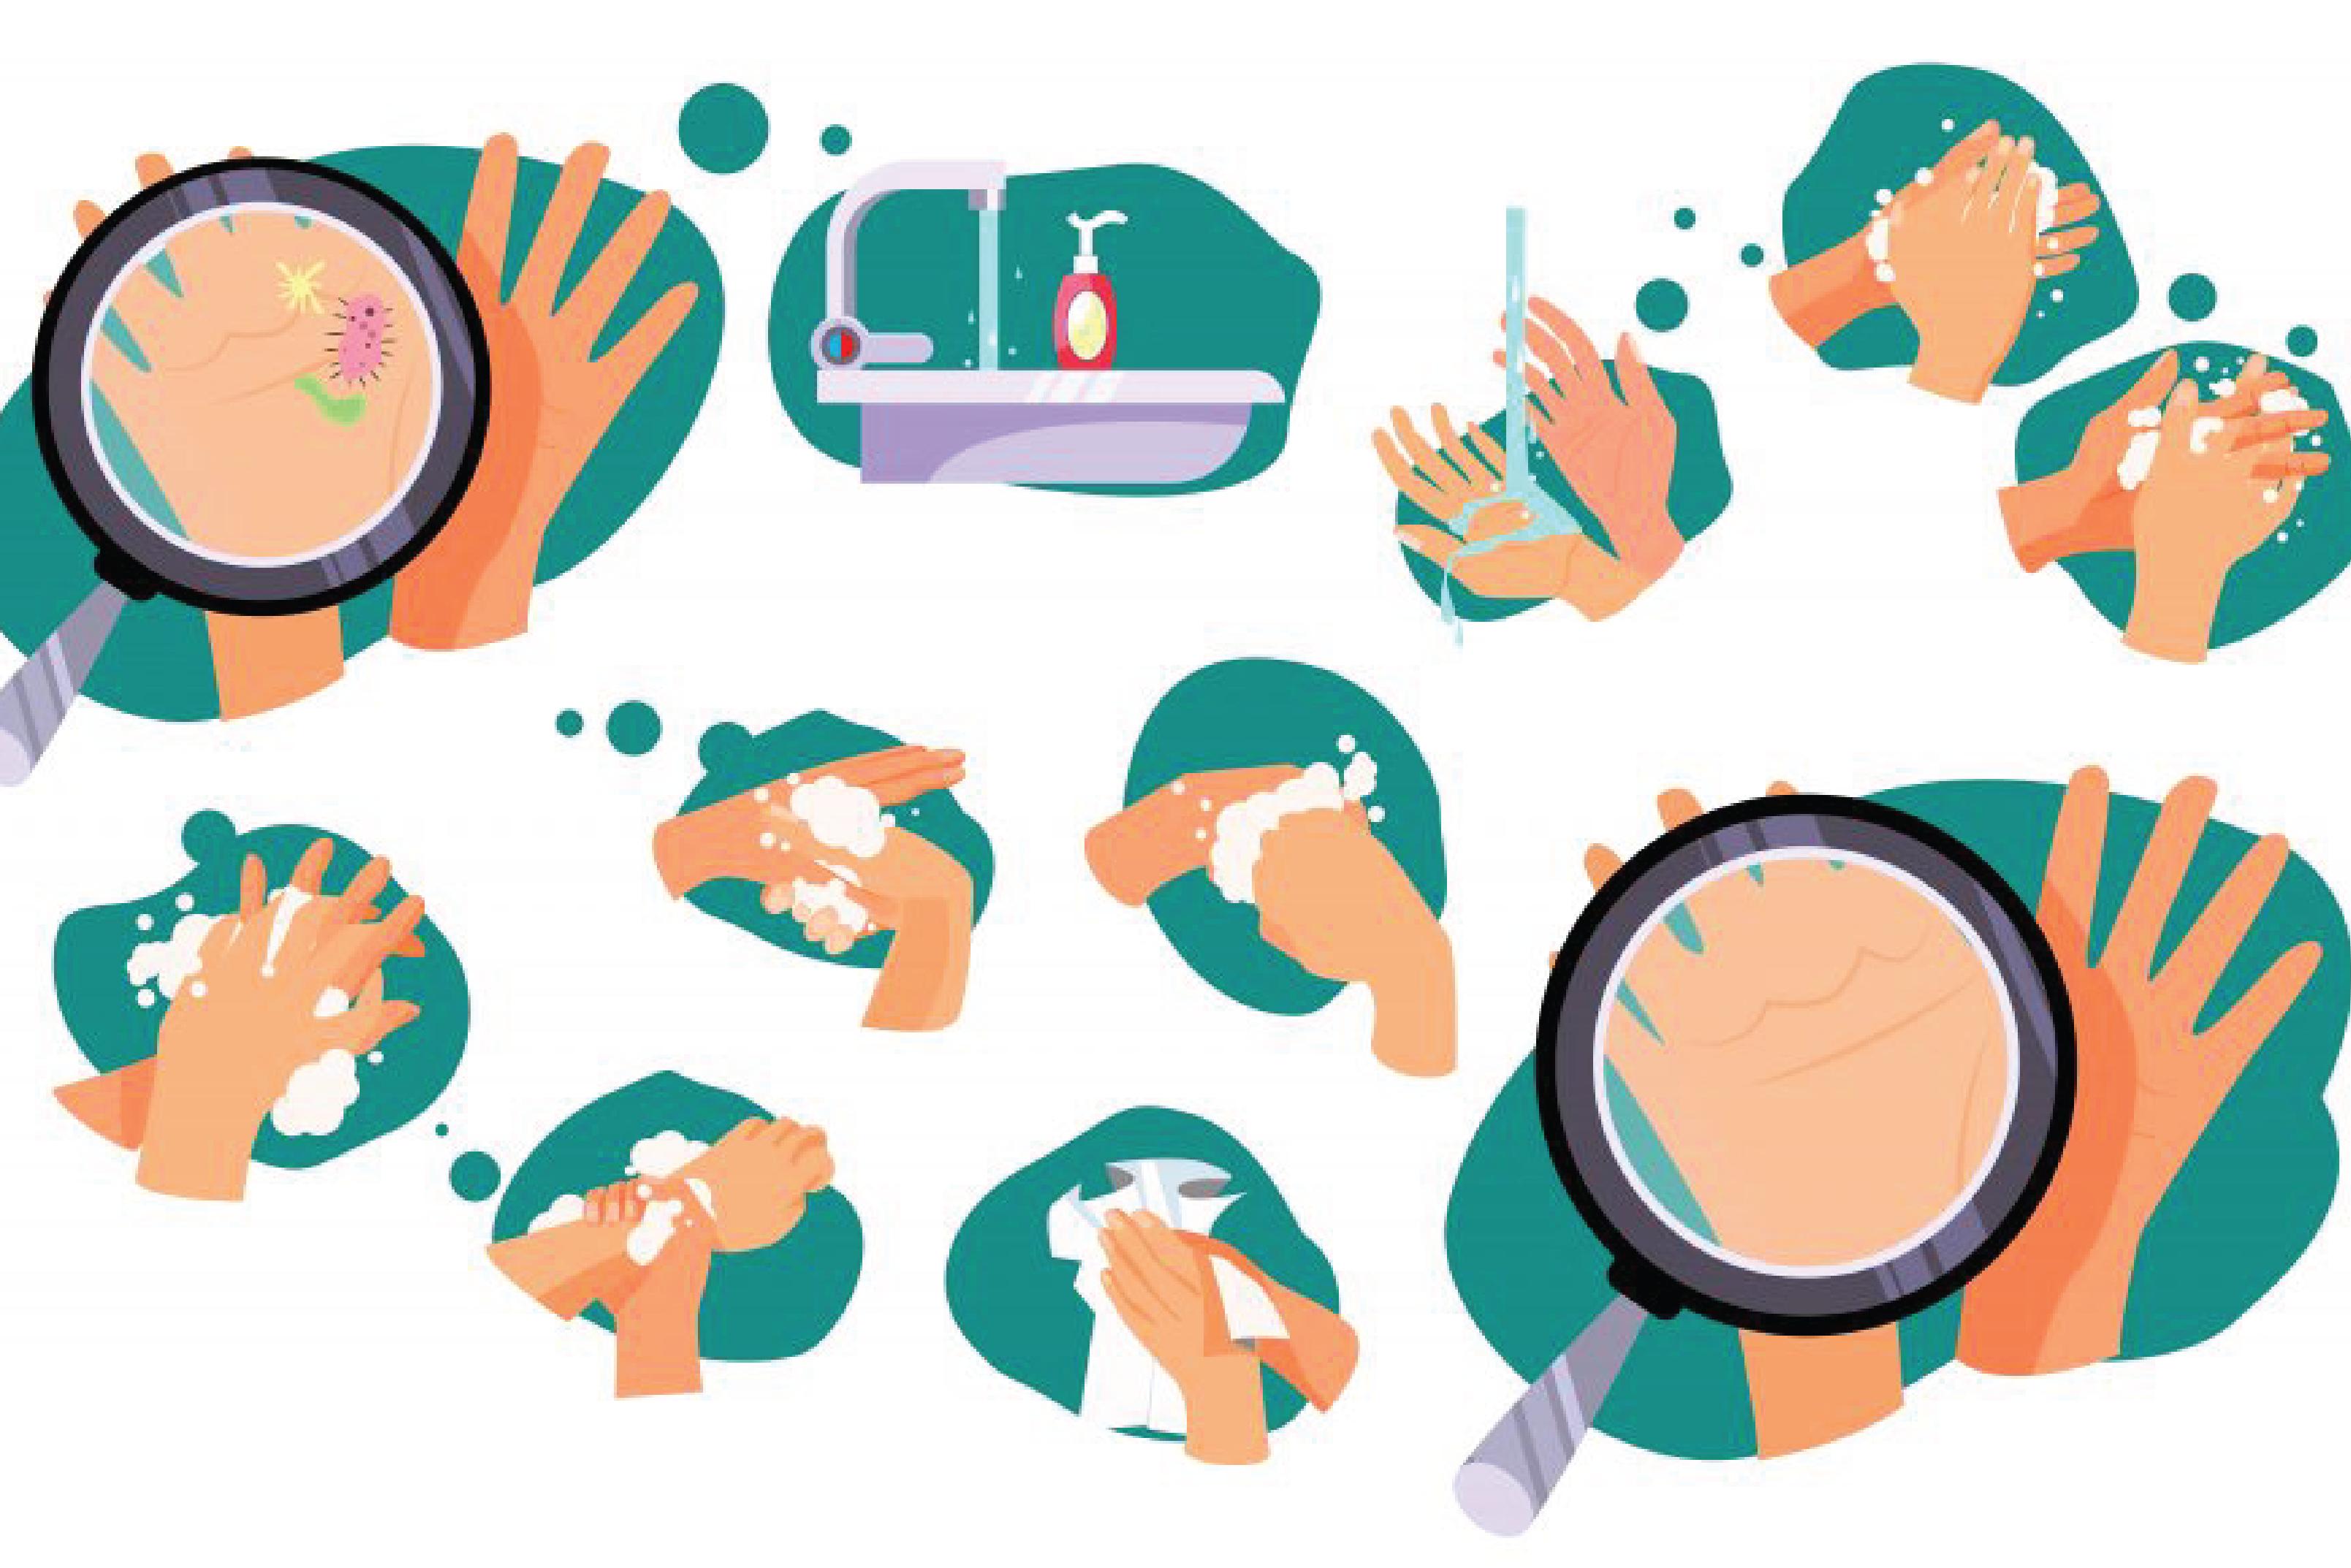 Anti-Coronavirus Hand Washing Techniques